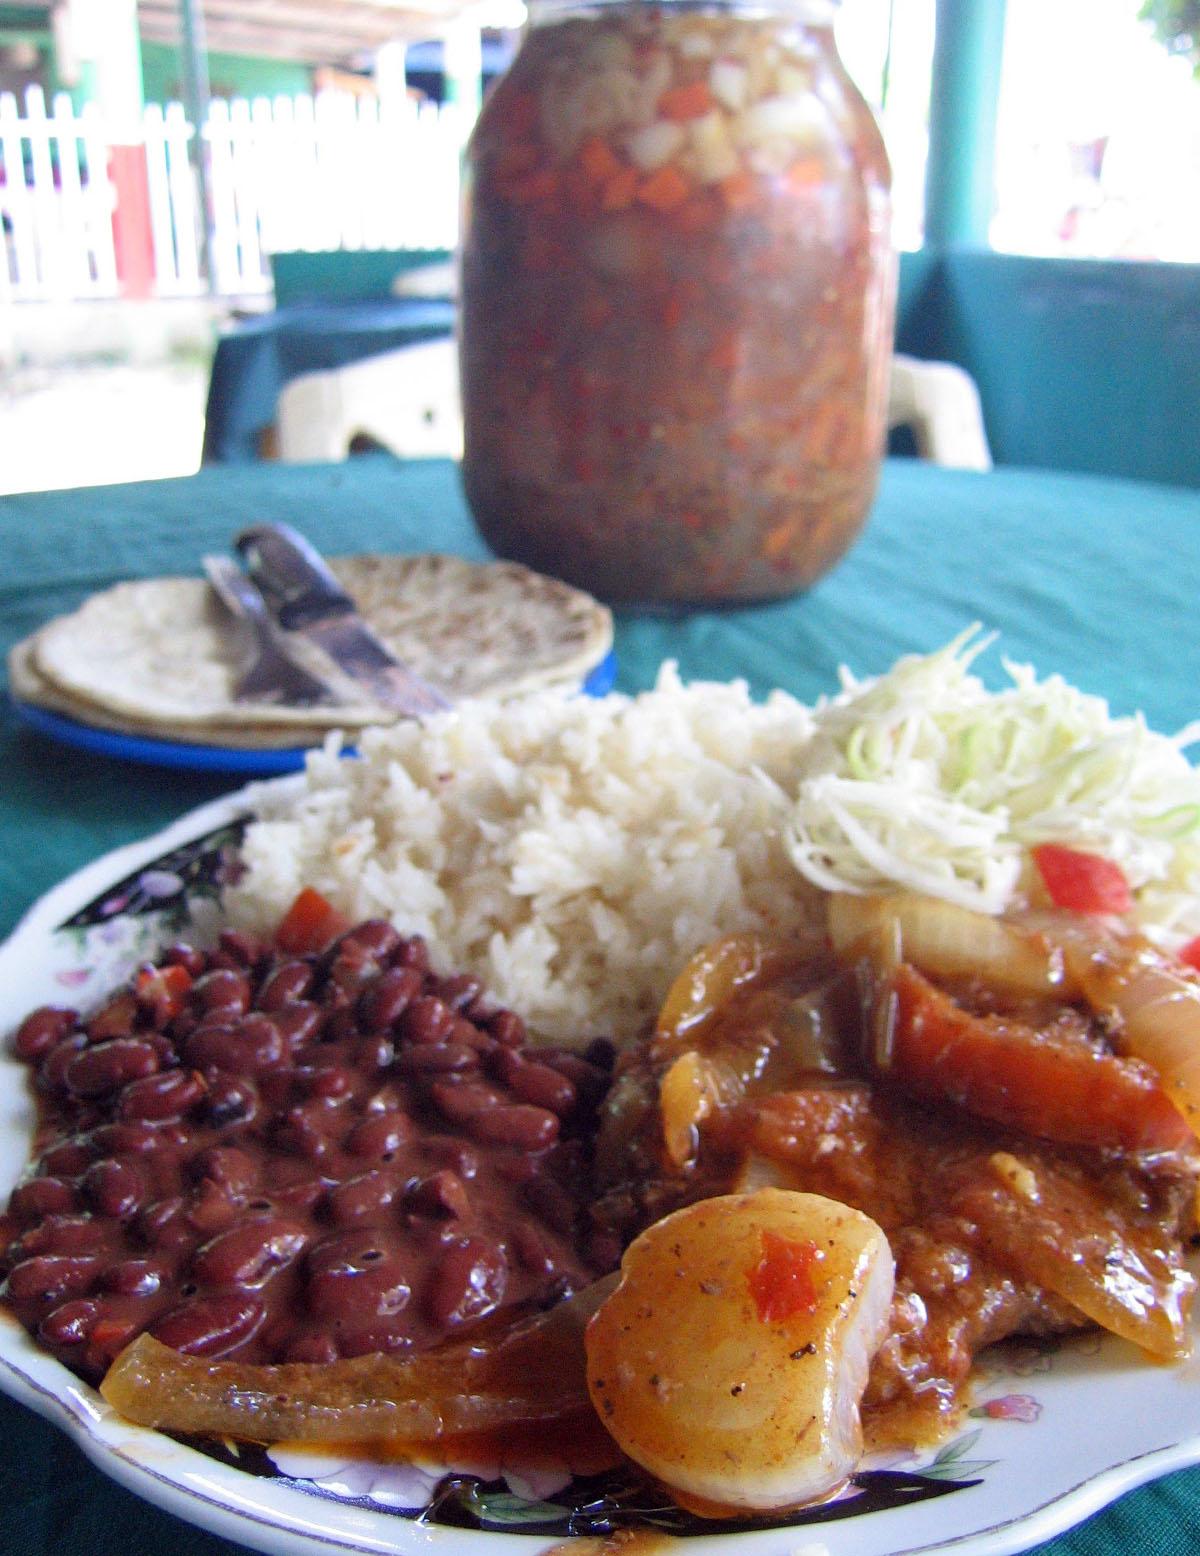 Typical Nicaraguan meal